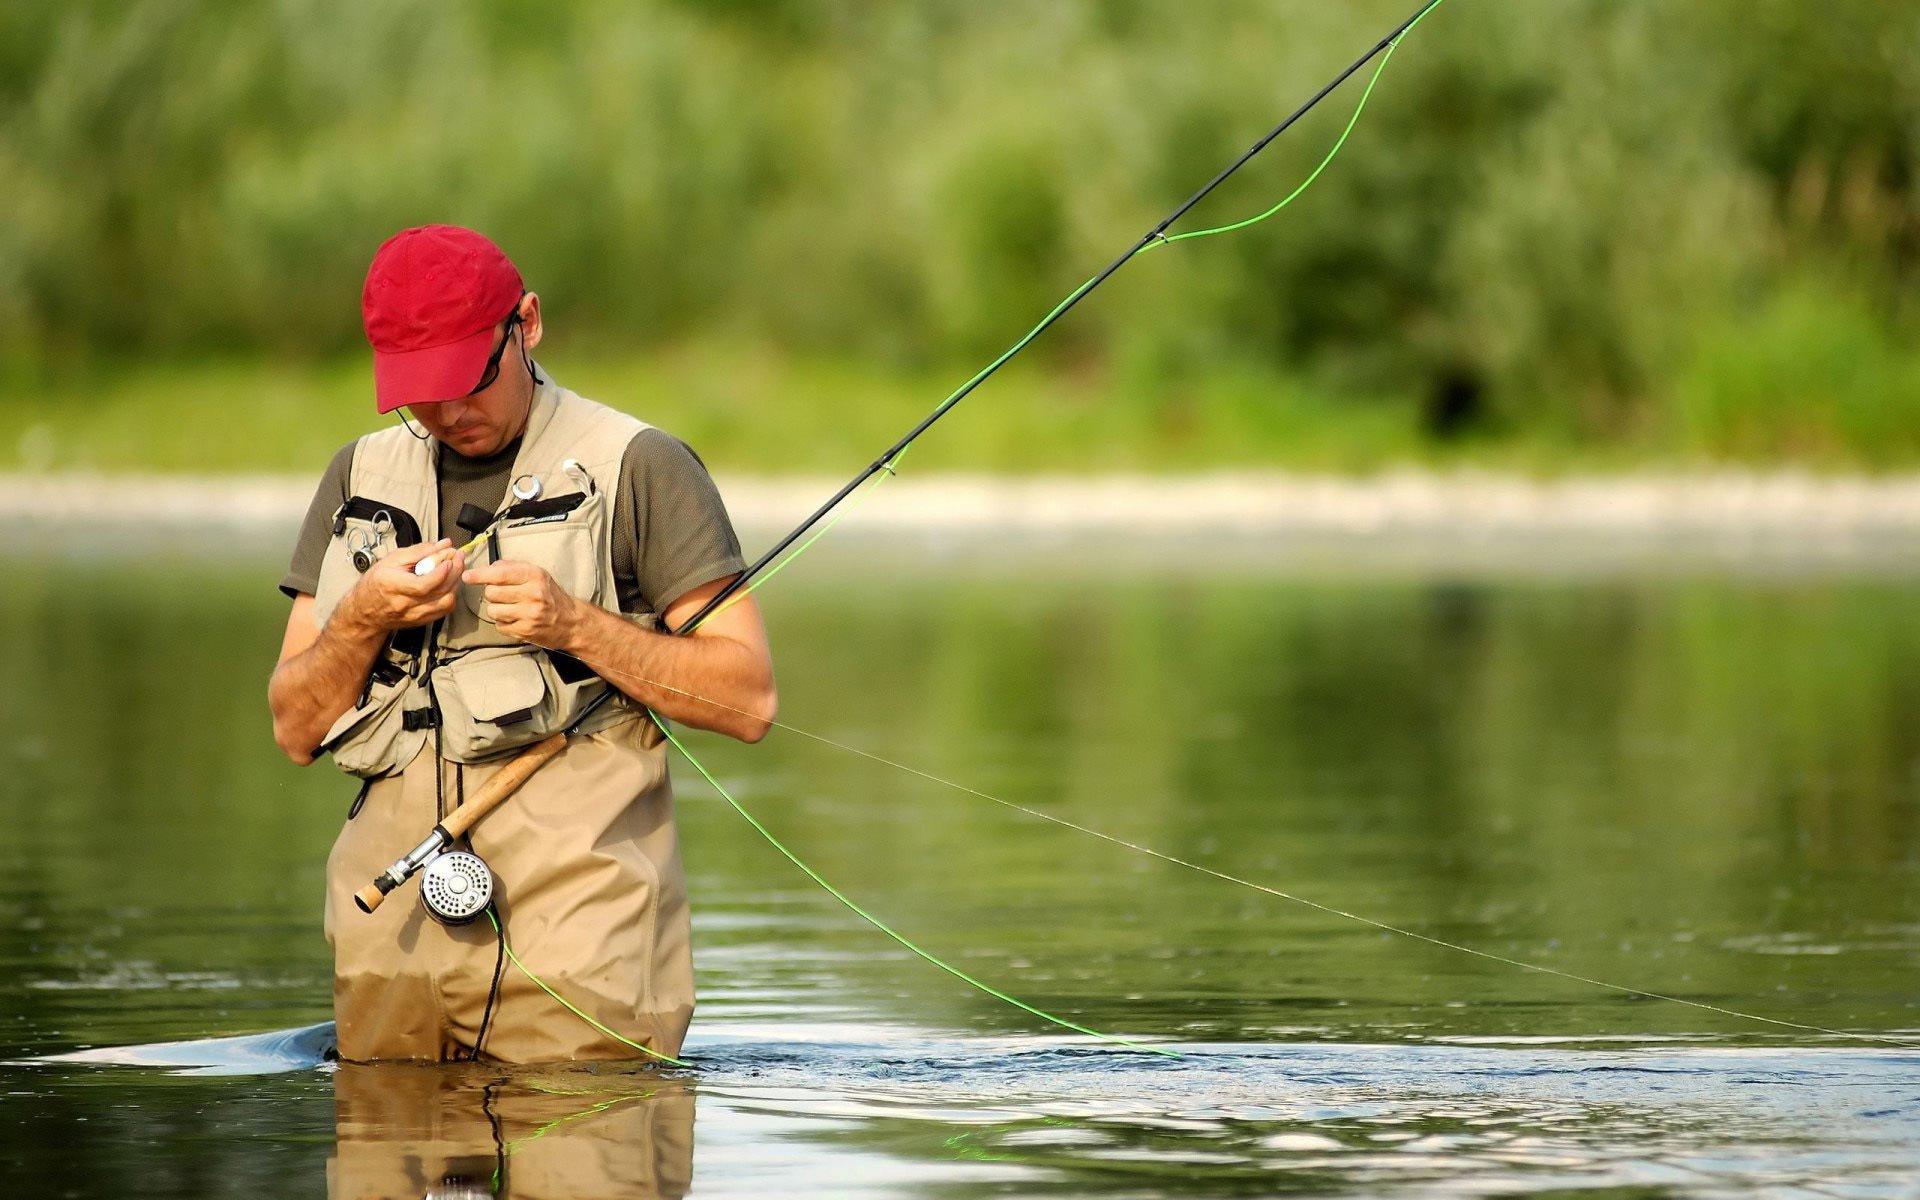 Рыбак стоя в воде  с нахлыстовой удочкой